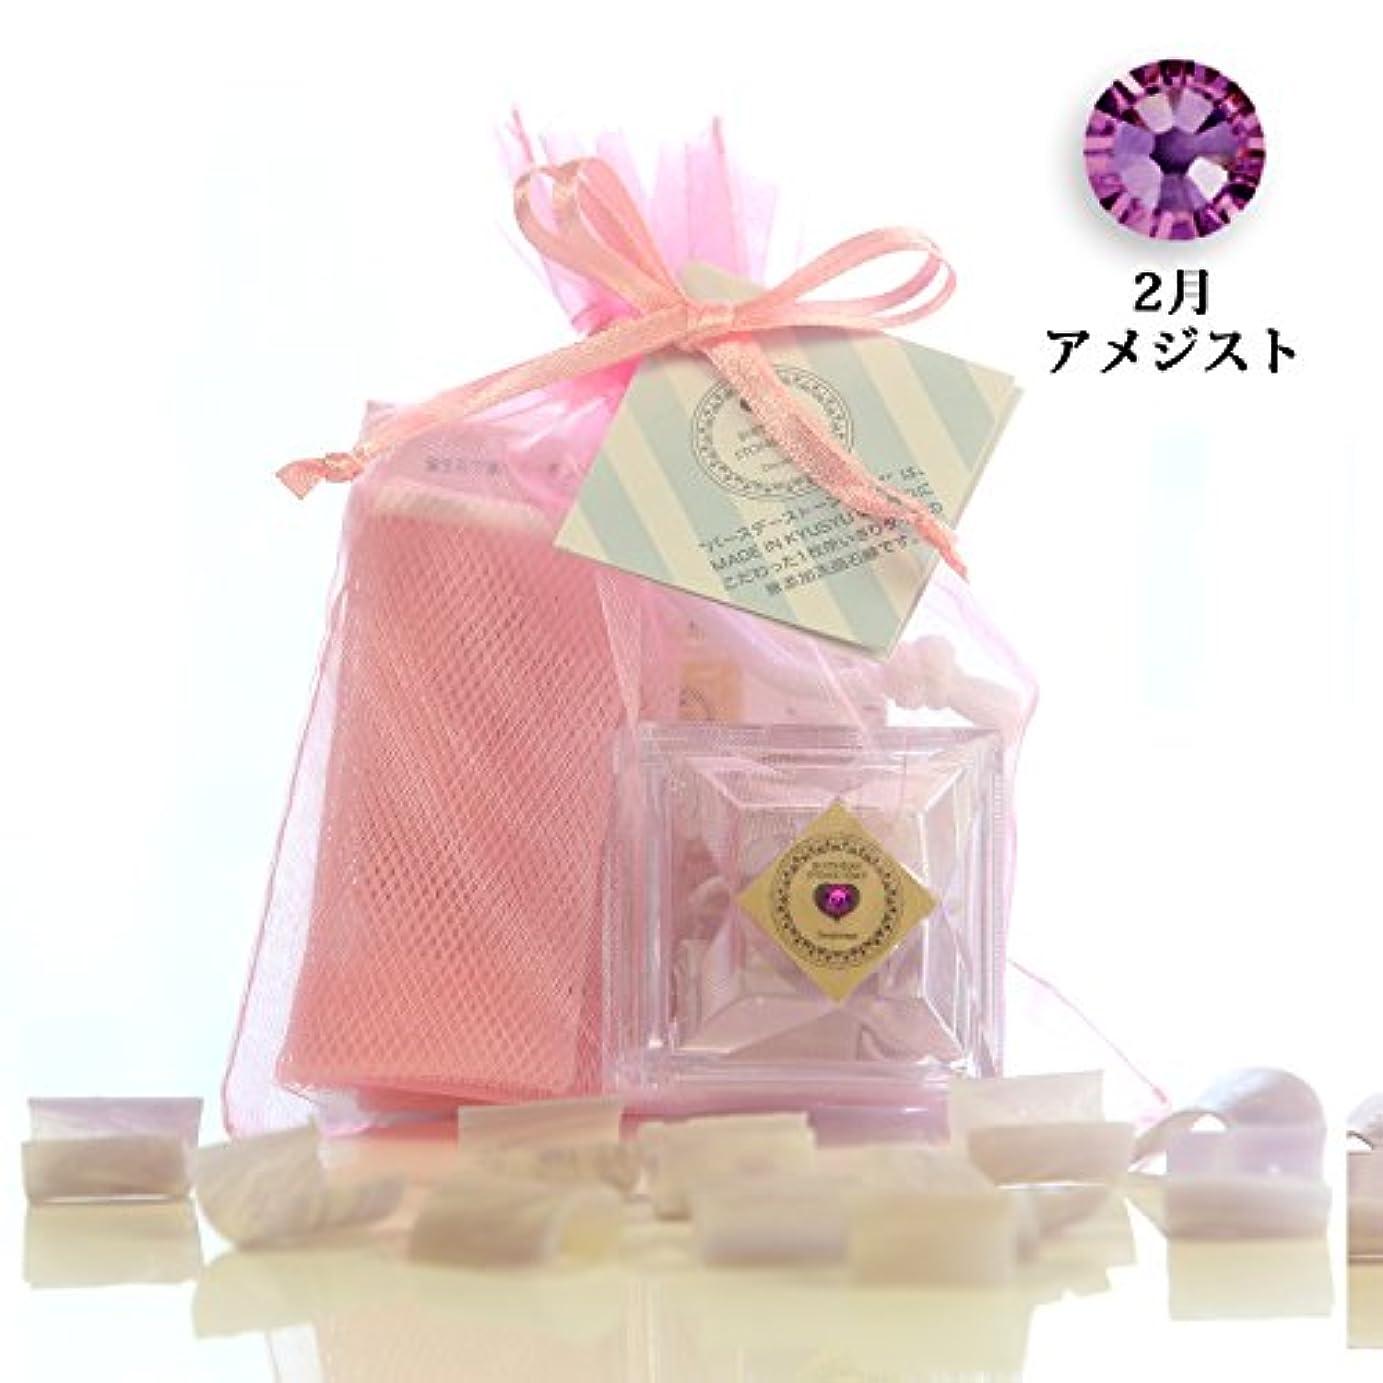 アナニバー時誕生月で選べるバースデーストーンソープ プレミアムアルガンmini プチギフト(ラズベリーの香り) (2月 アメジスト)